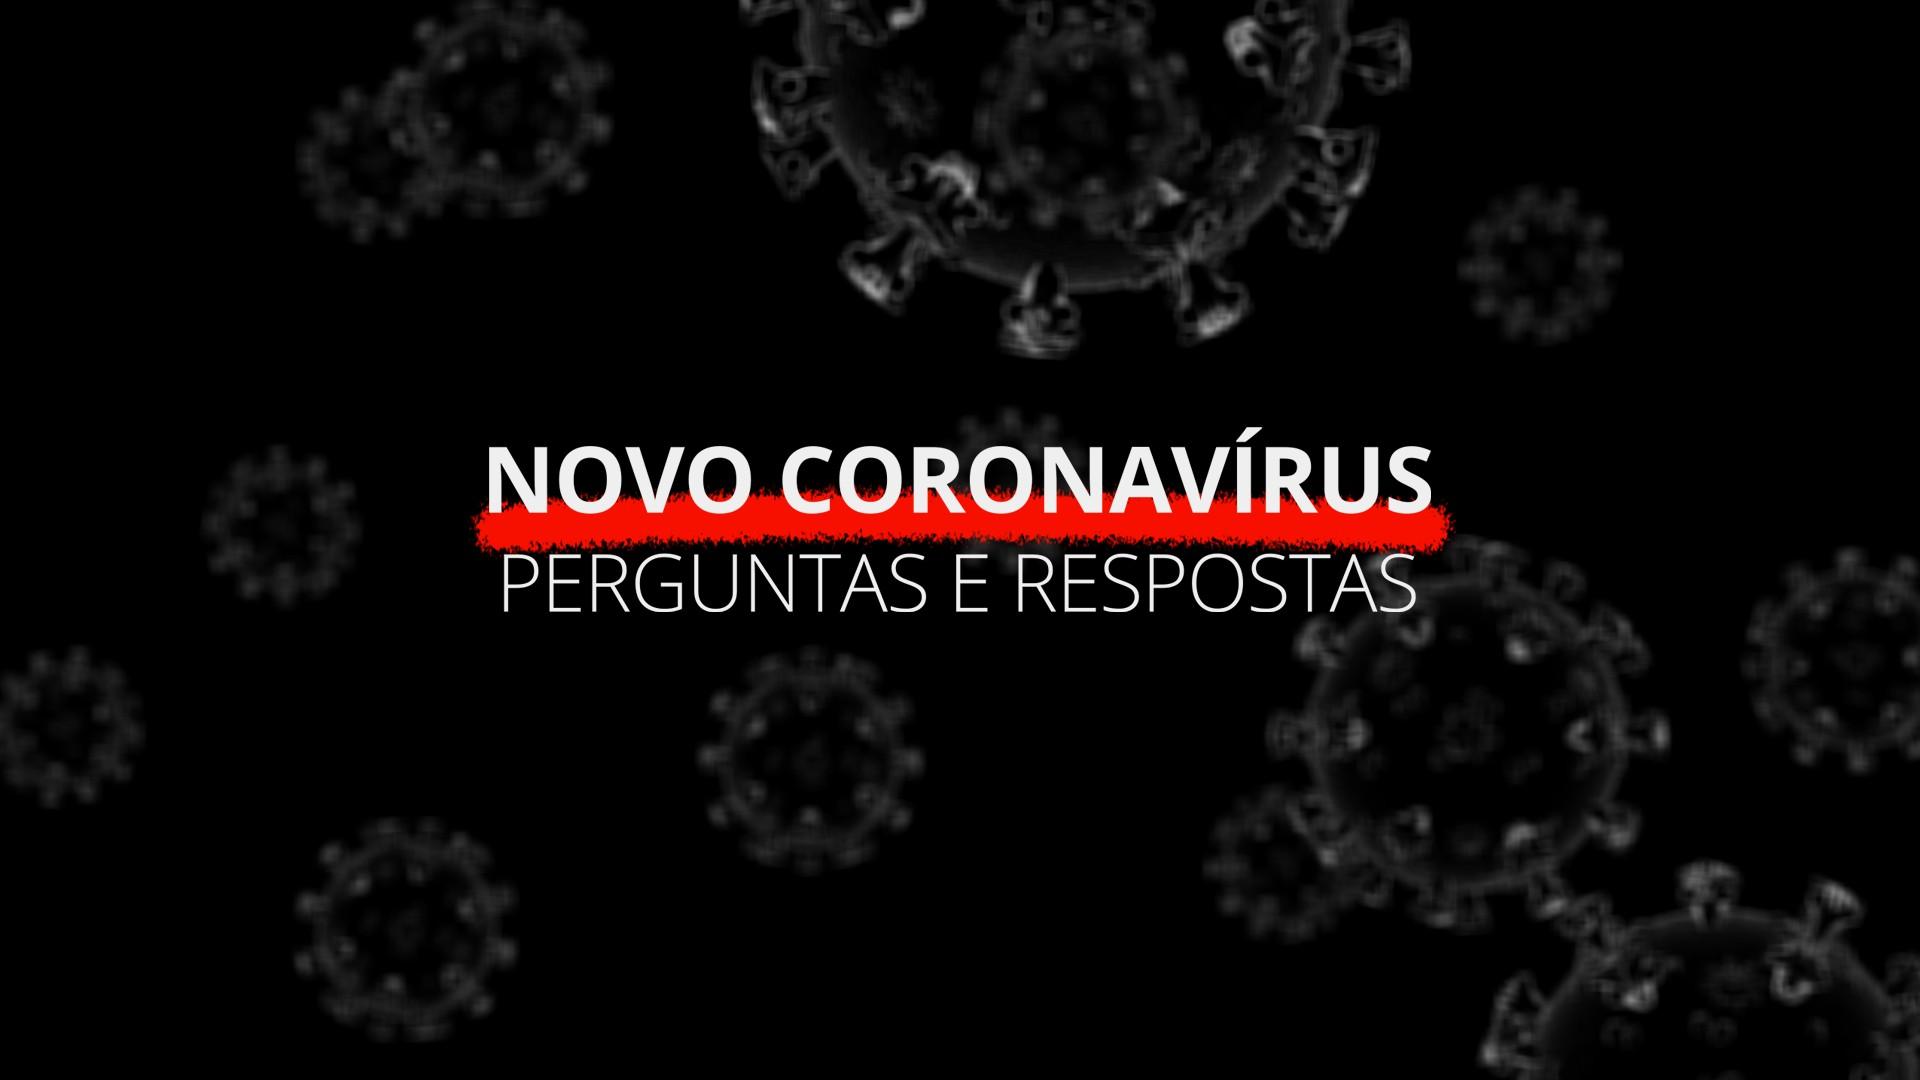 Pesquisa comprova a presença de anticorpos nas pessoas infectadas